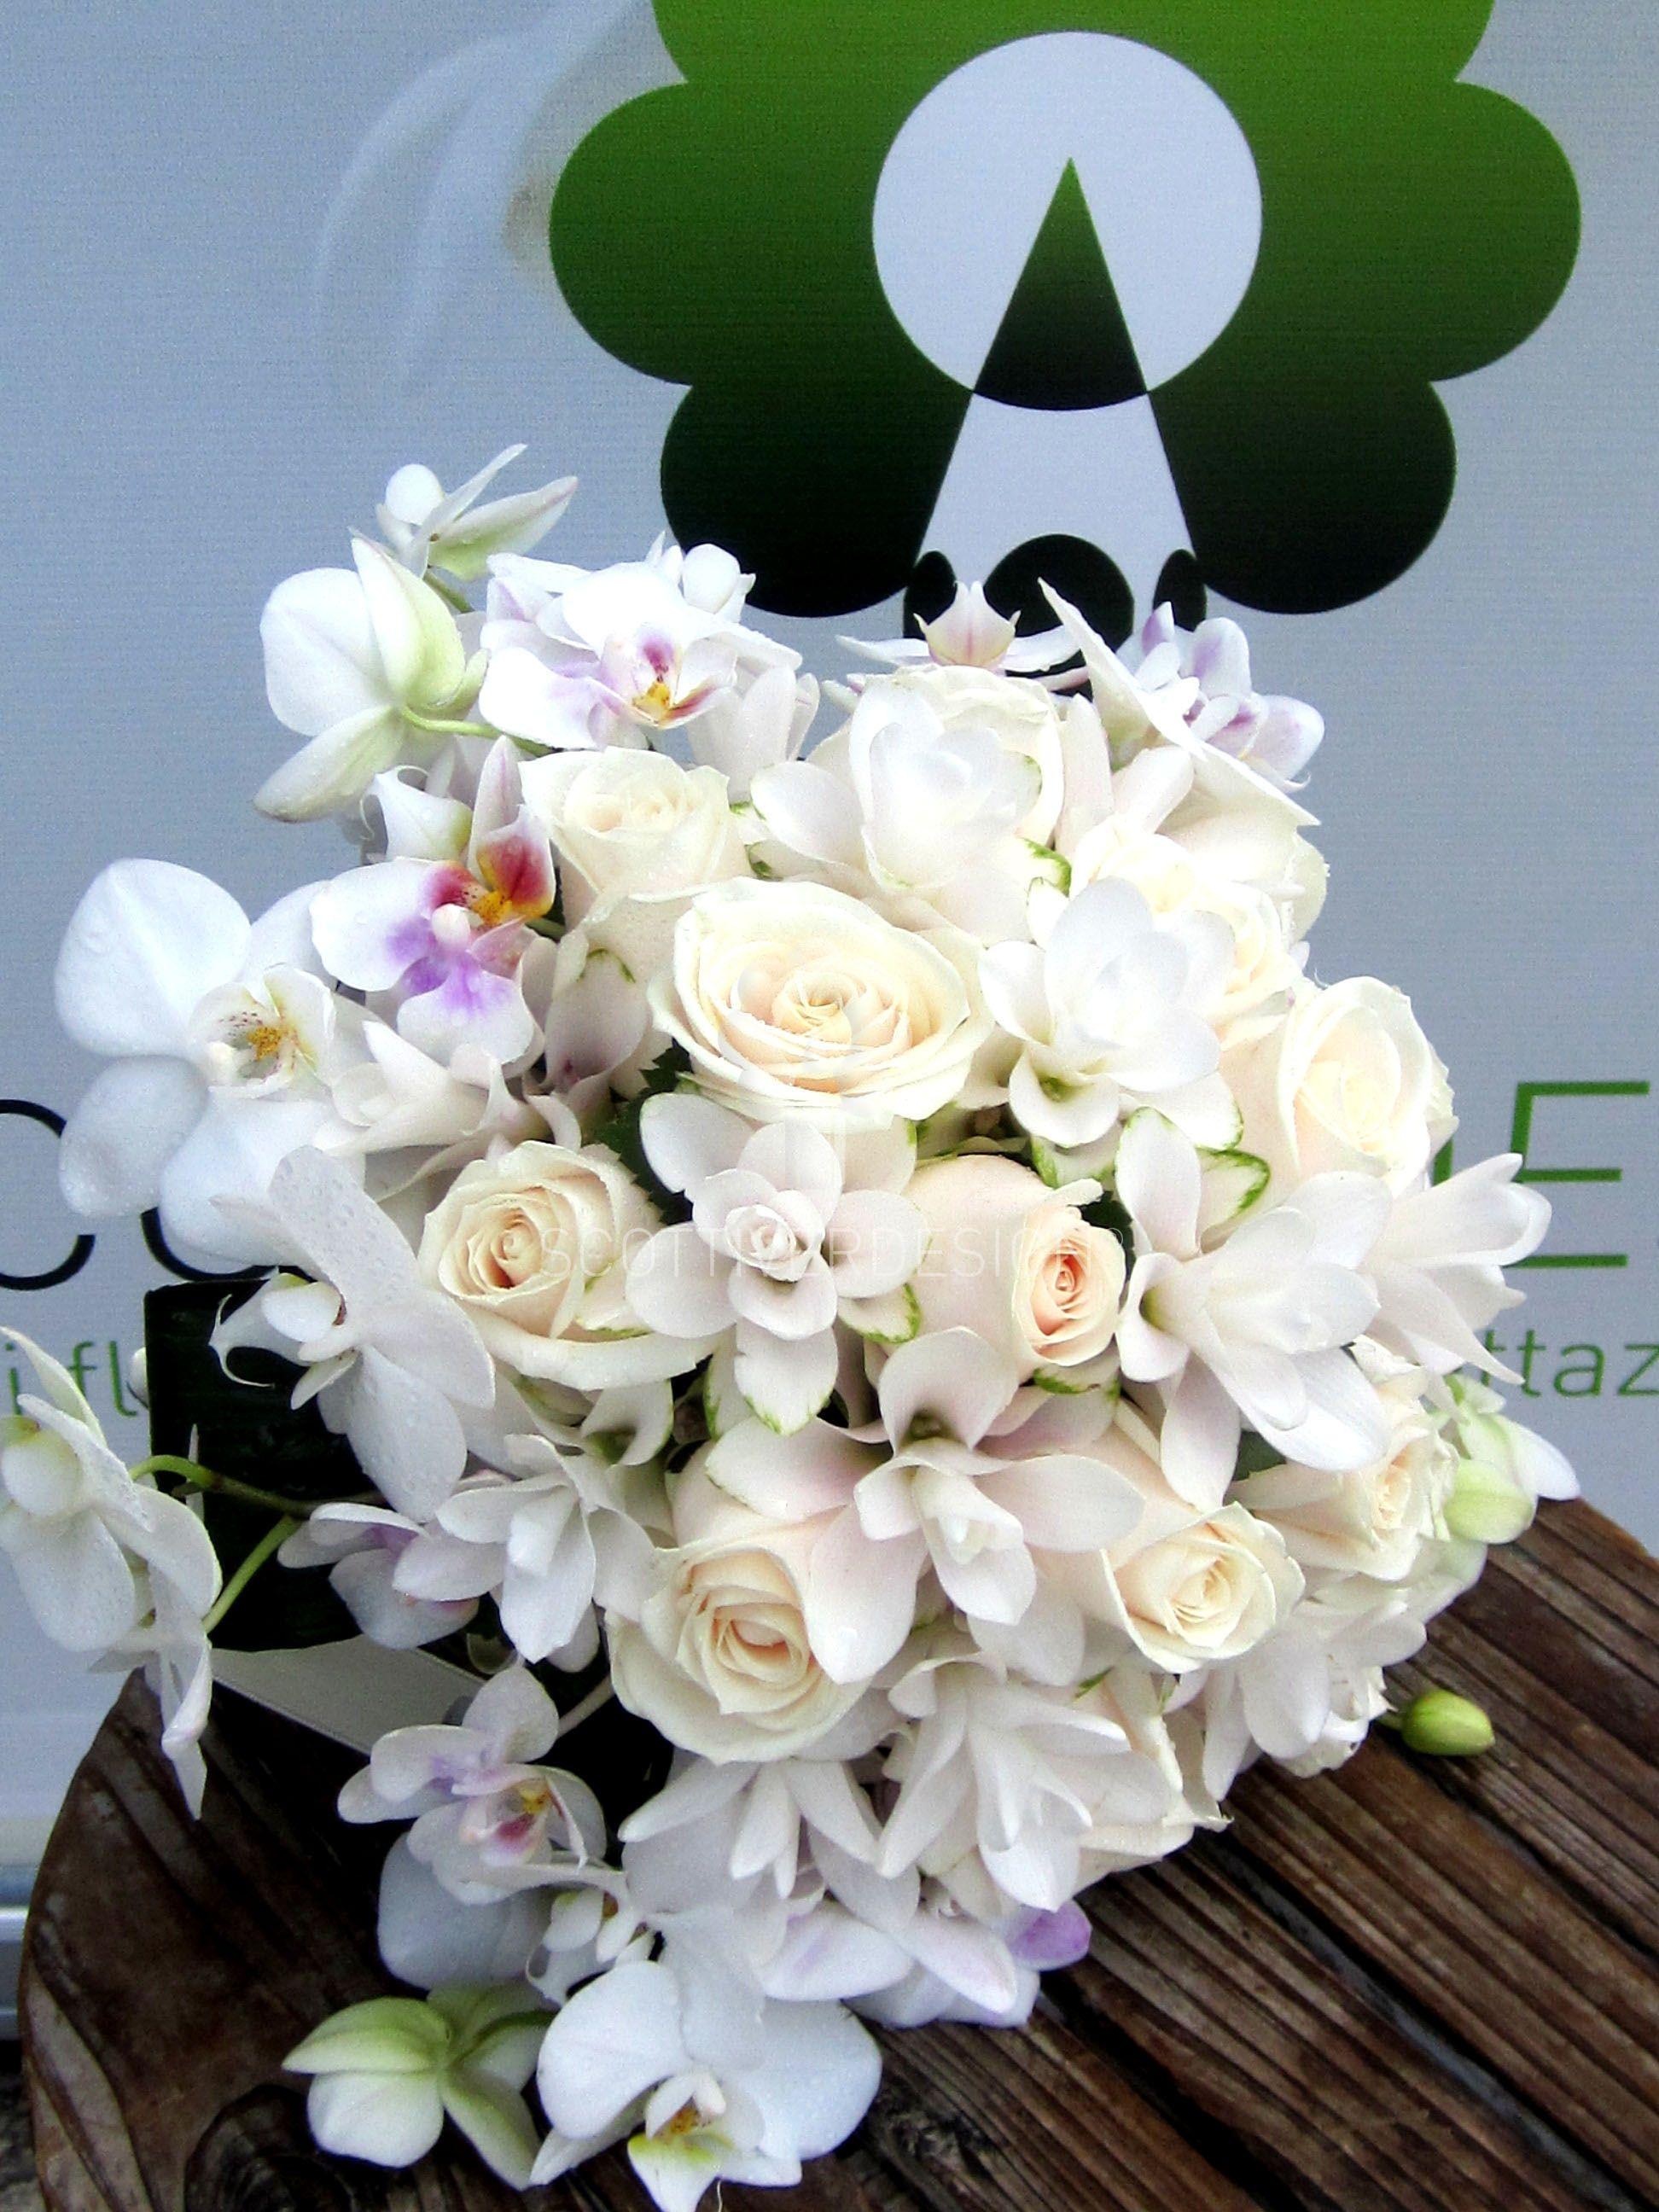 Curcuma Bouquet Sposa.Bouquet Per Il Tuo Matrimonio Bouquet Bouquet Da Sposa E Matrimonio